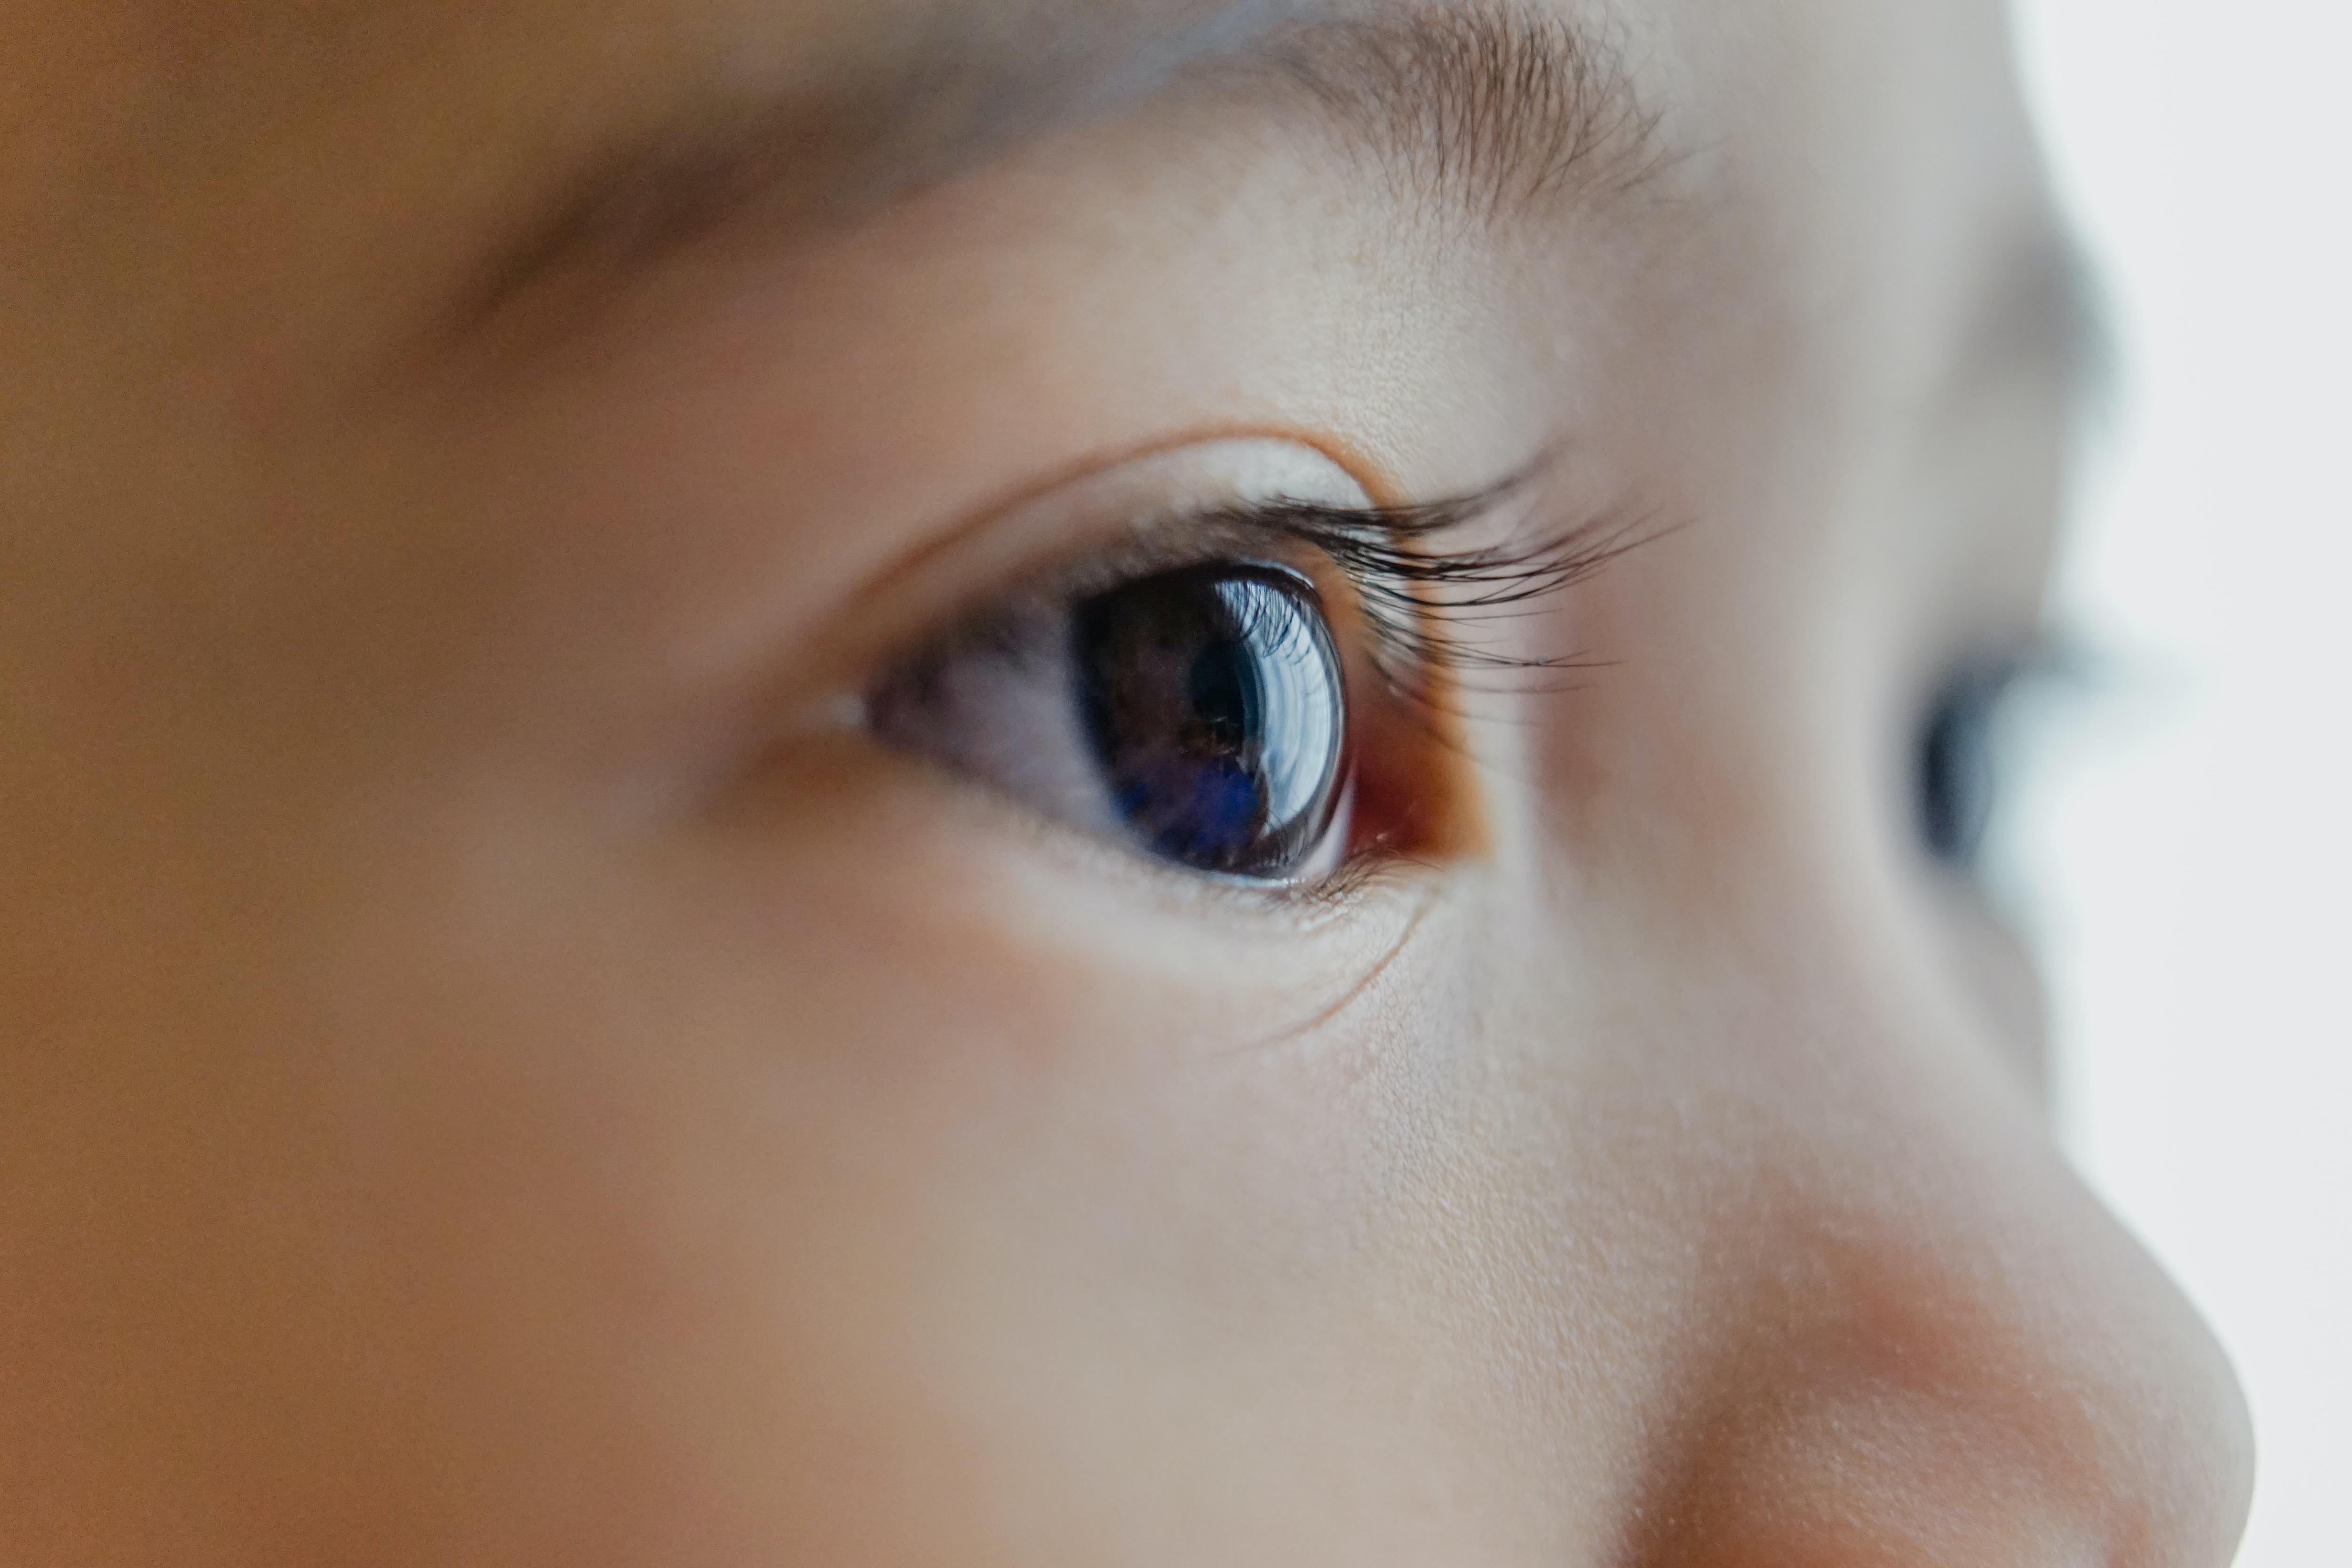 3C產品的藍光,容易讓眼睛患有黃斑部病變?怎麼辦?|永真生技,一氧化氮的專家